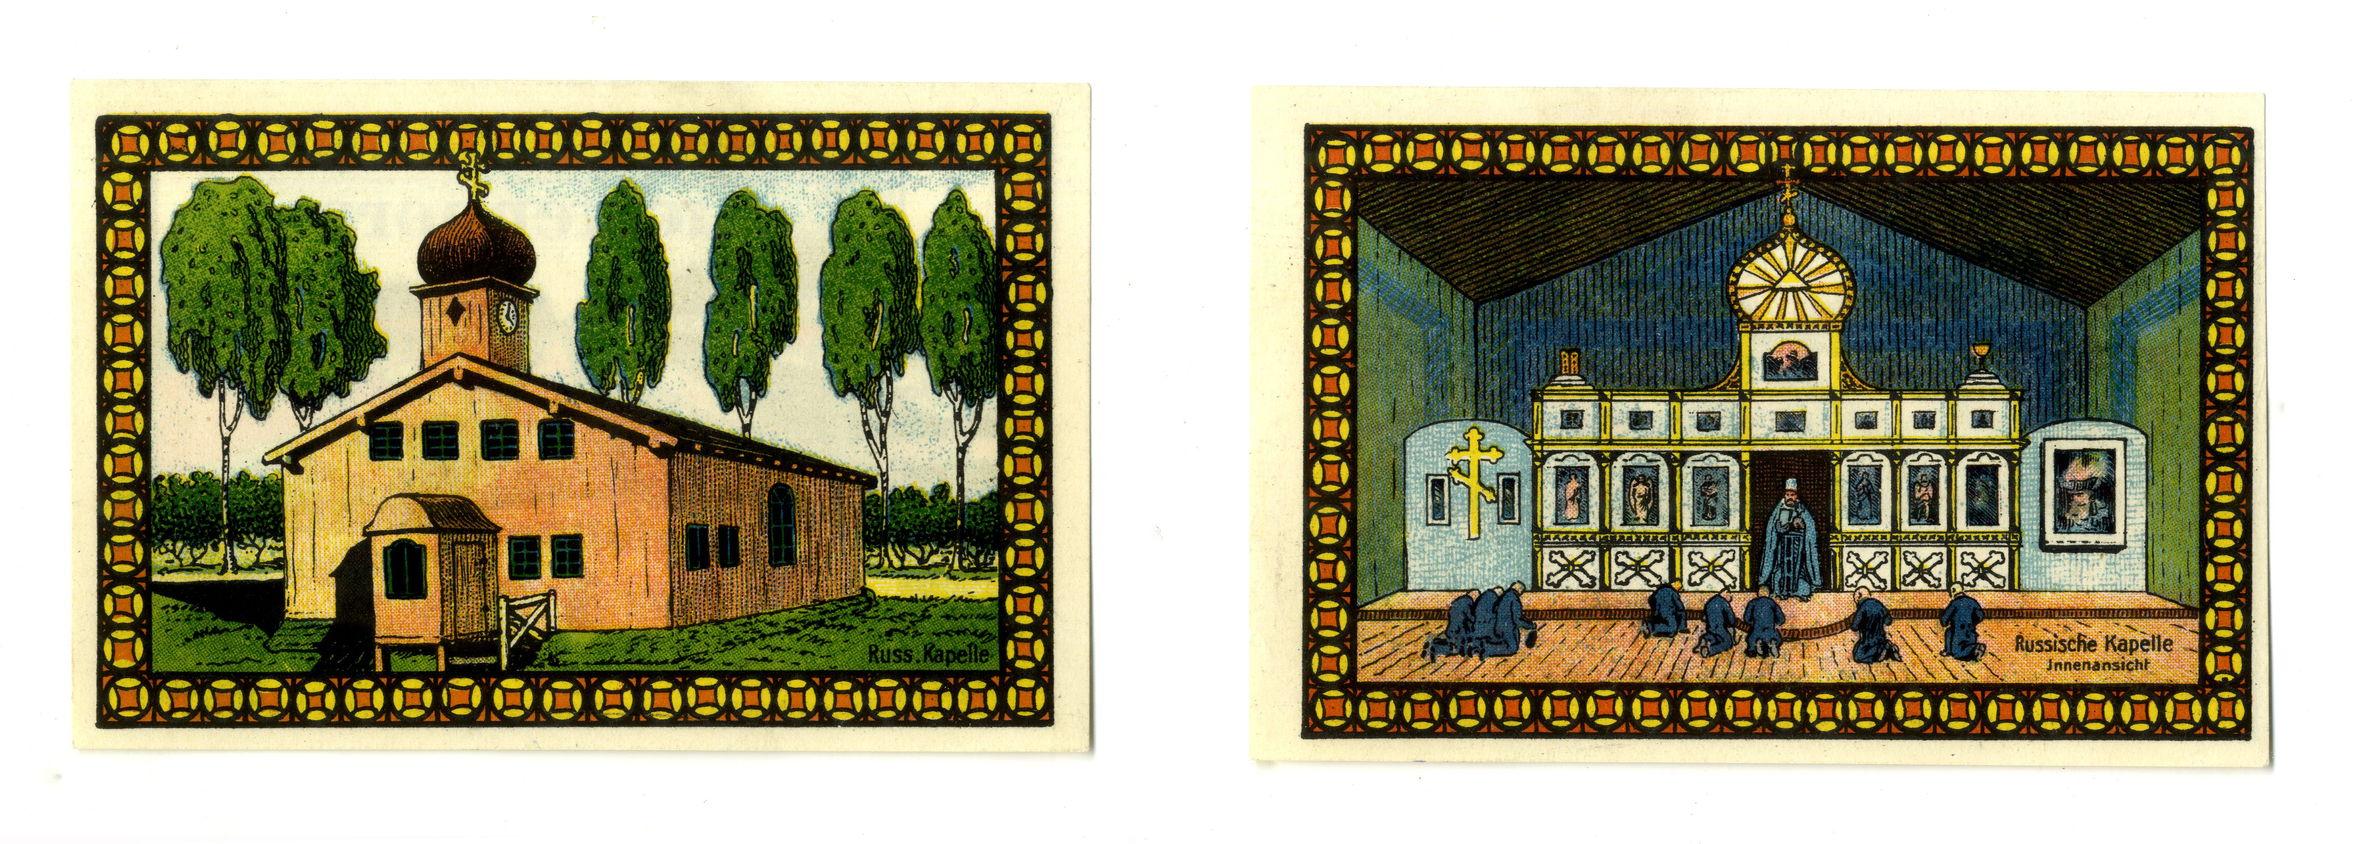 Оборотные стороны двух экземпляров нотгельдов лагеря Лихтенхорст номиналом в 1 марку